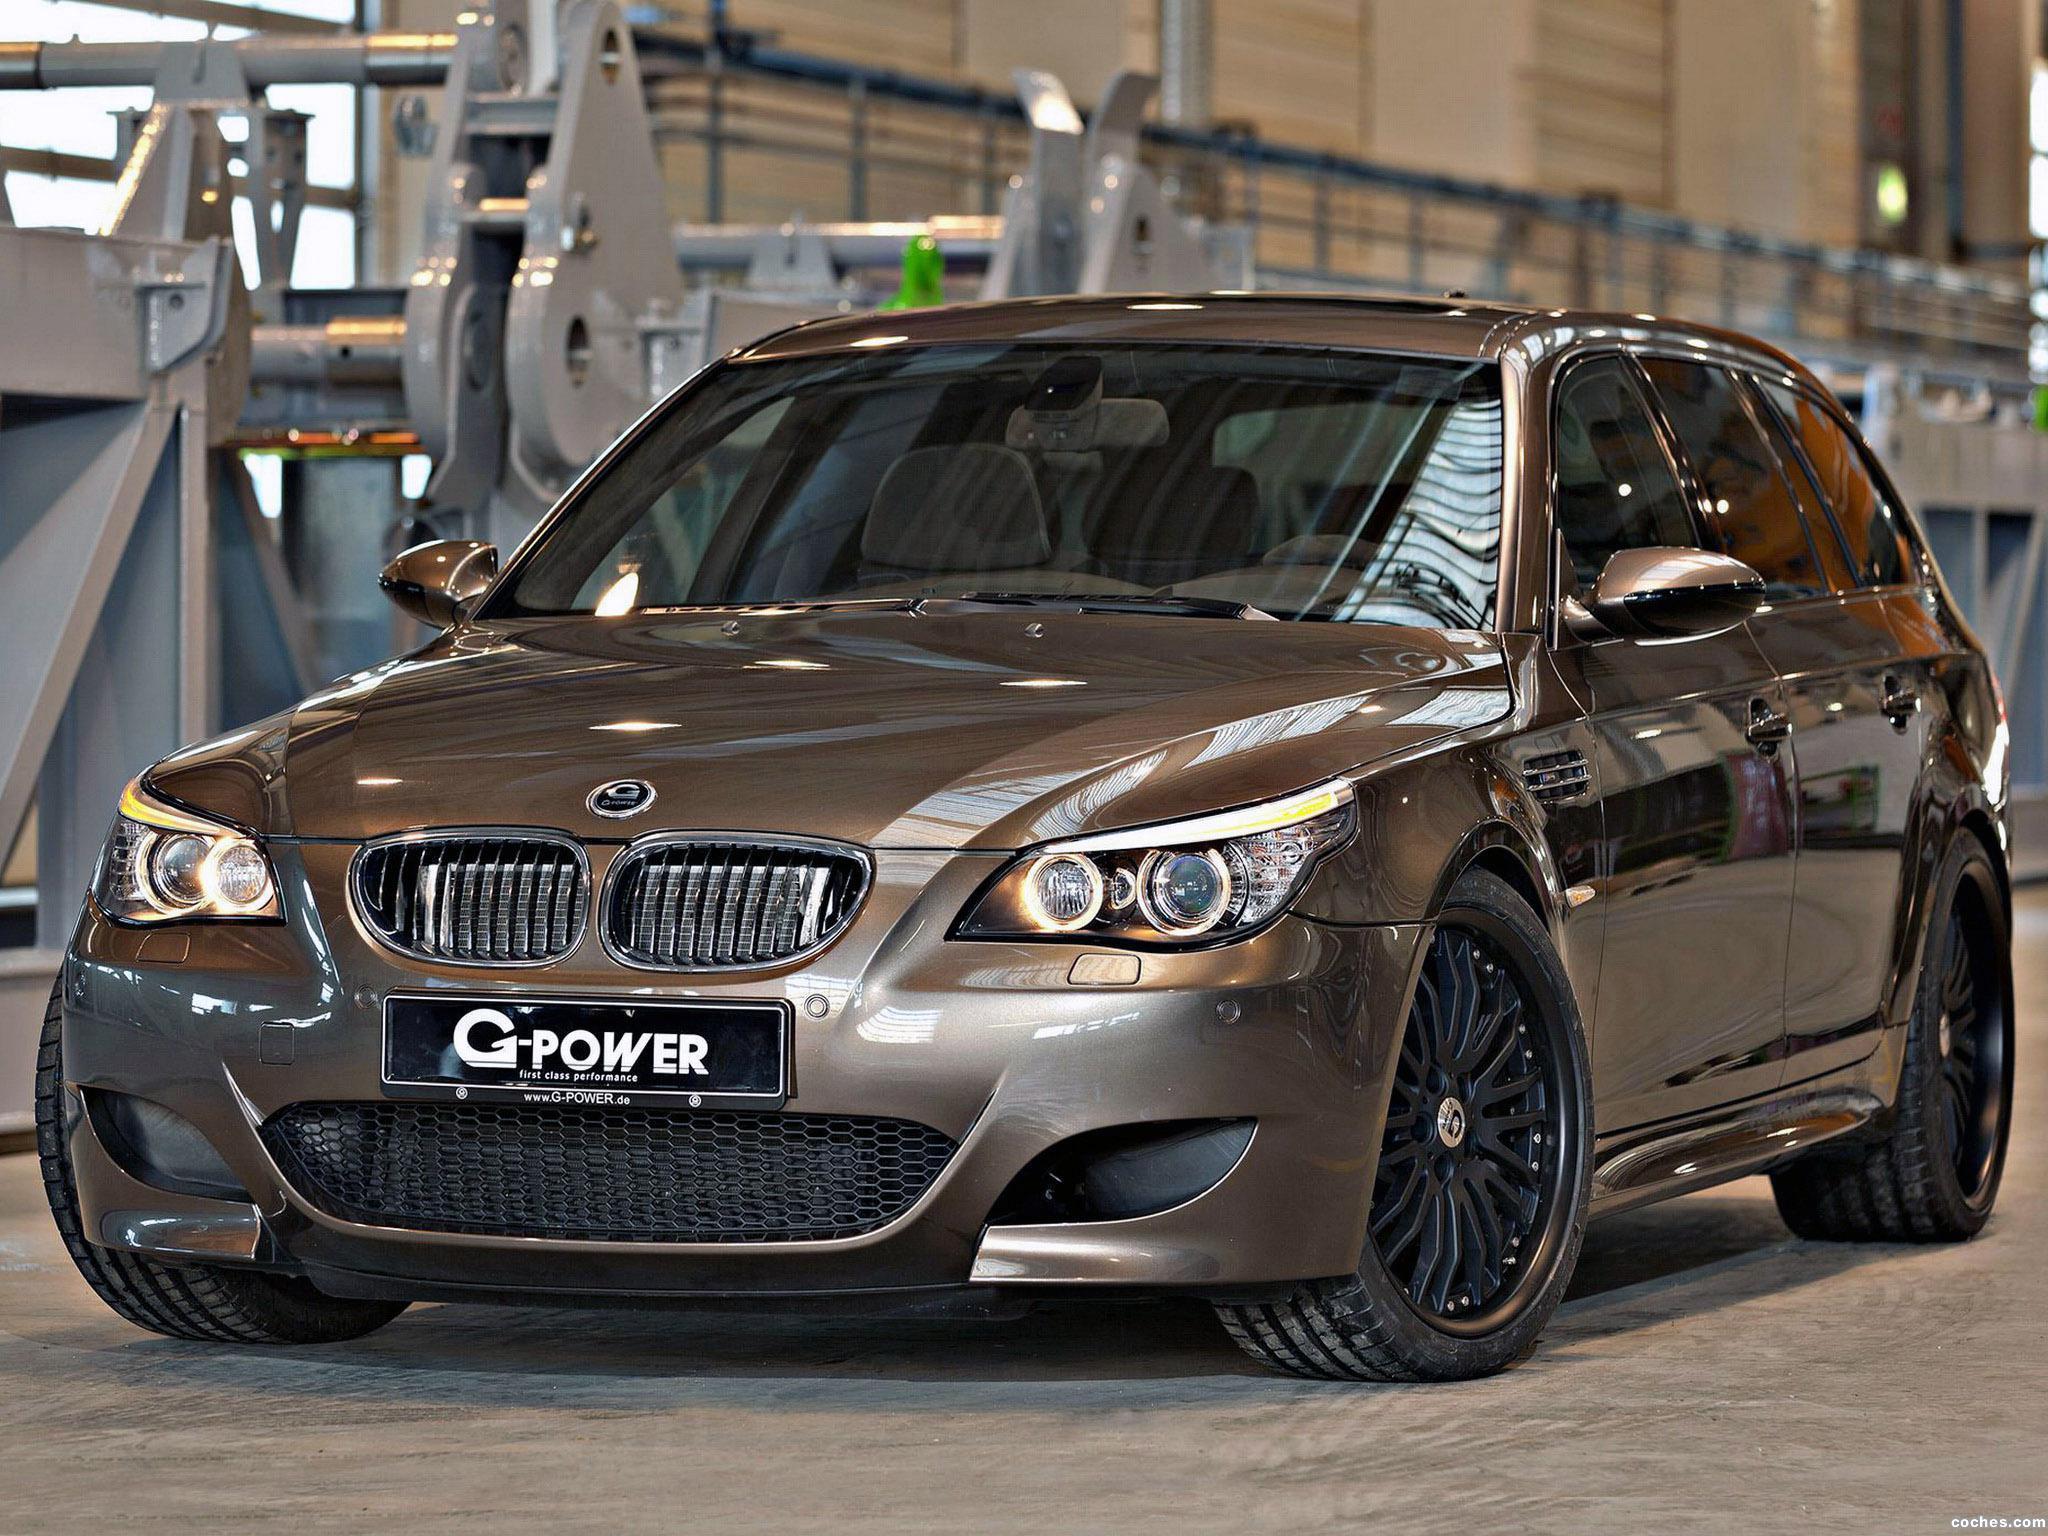 Foto 0 de G Power BMW Serie 5 M5 Hurricane RR Touring E61 2014